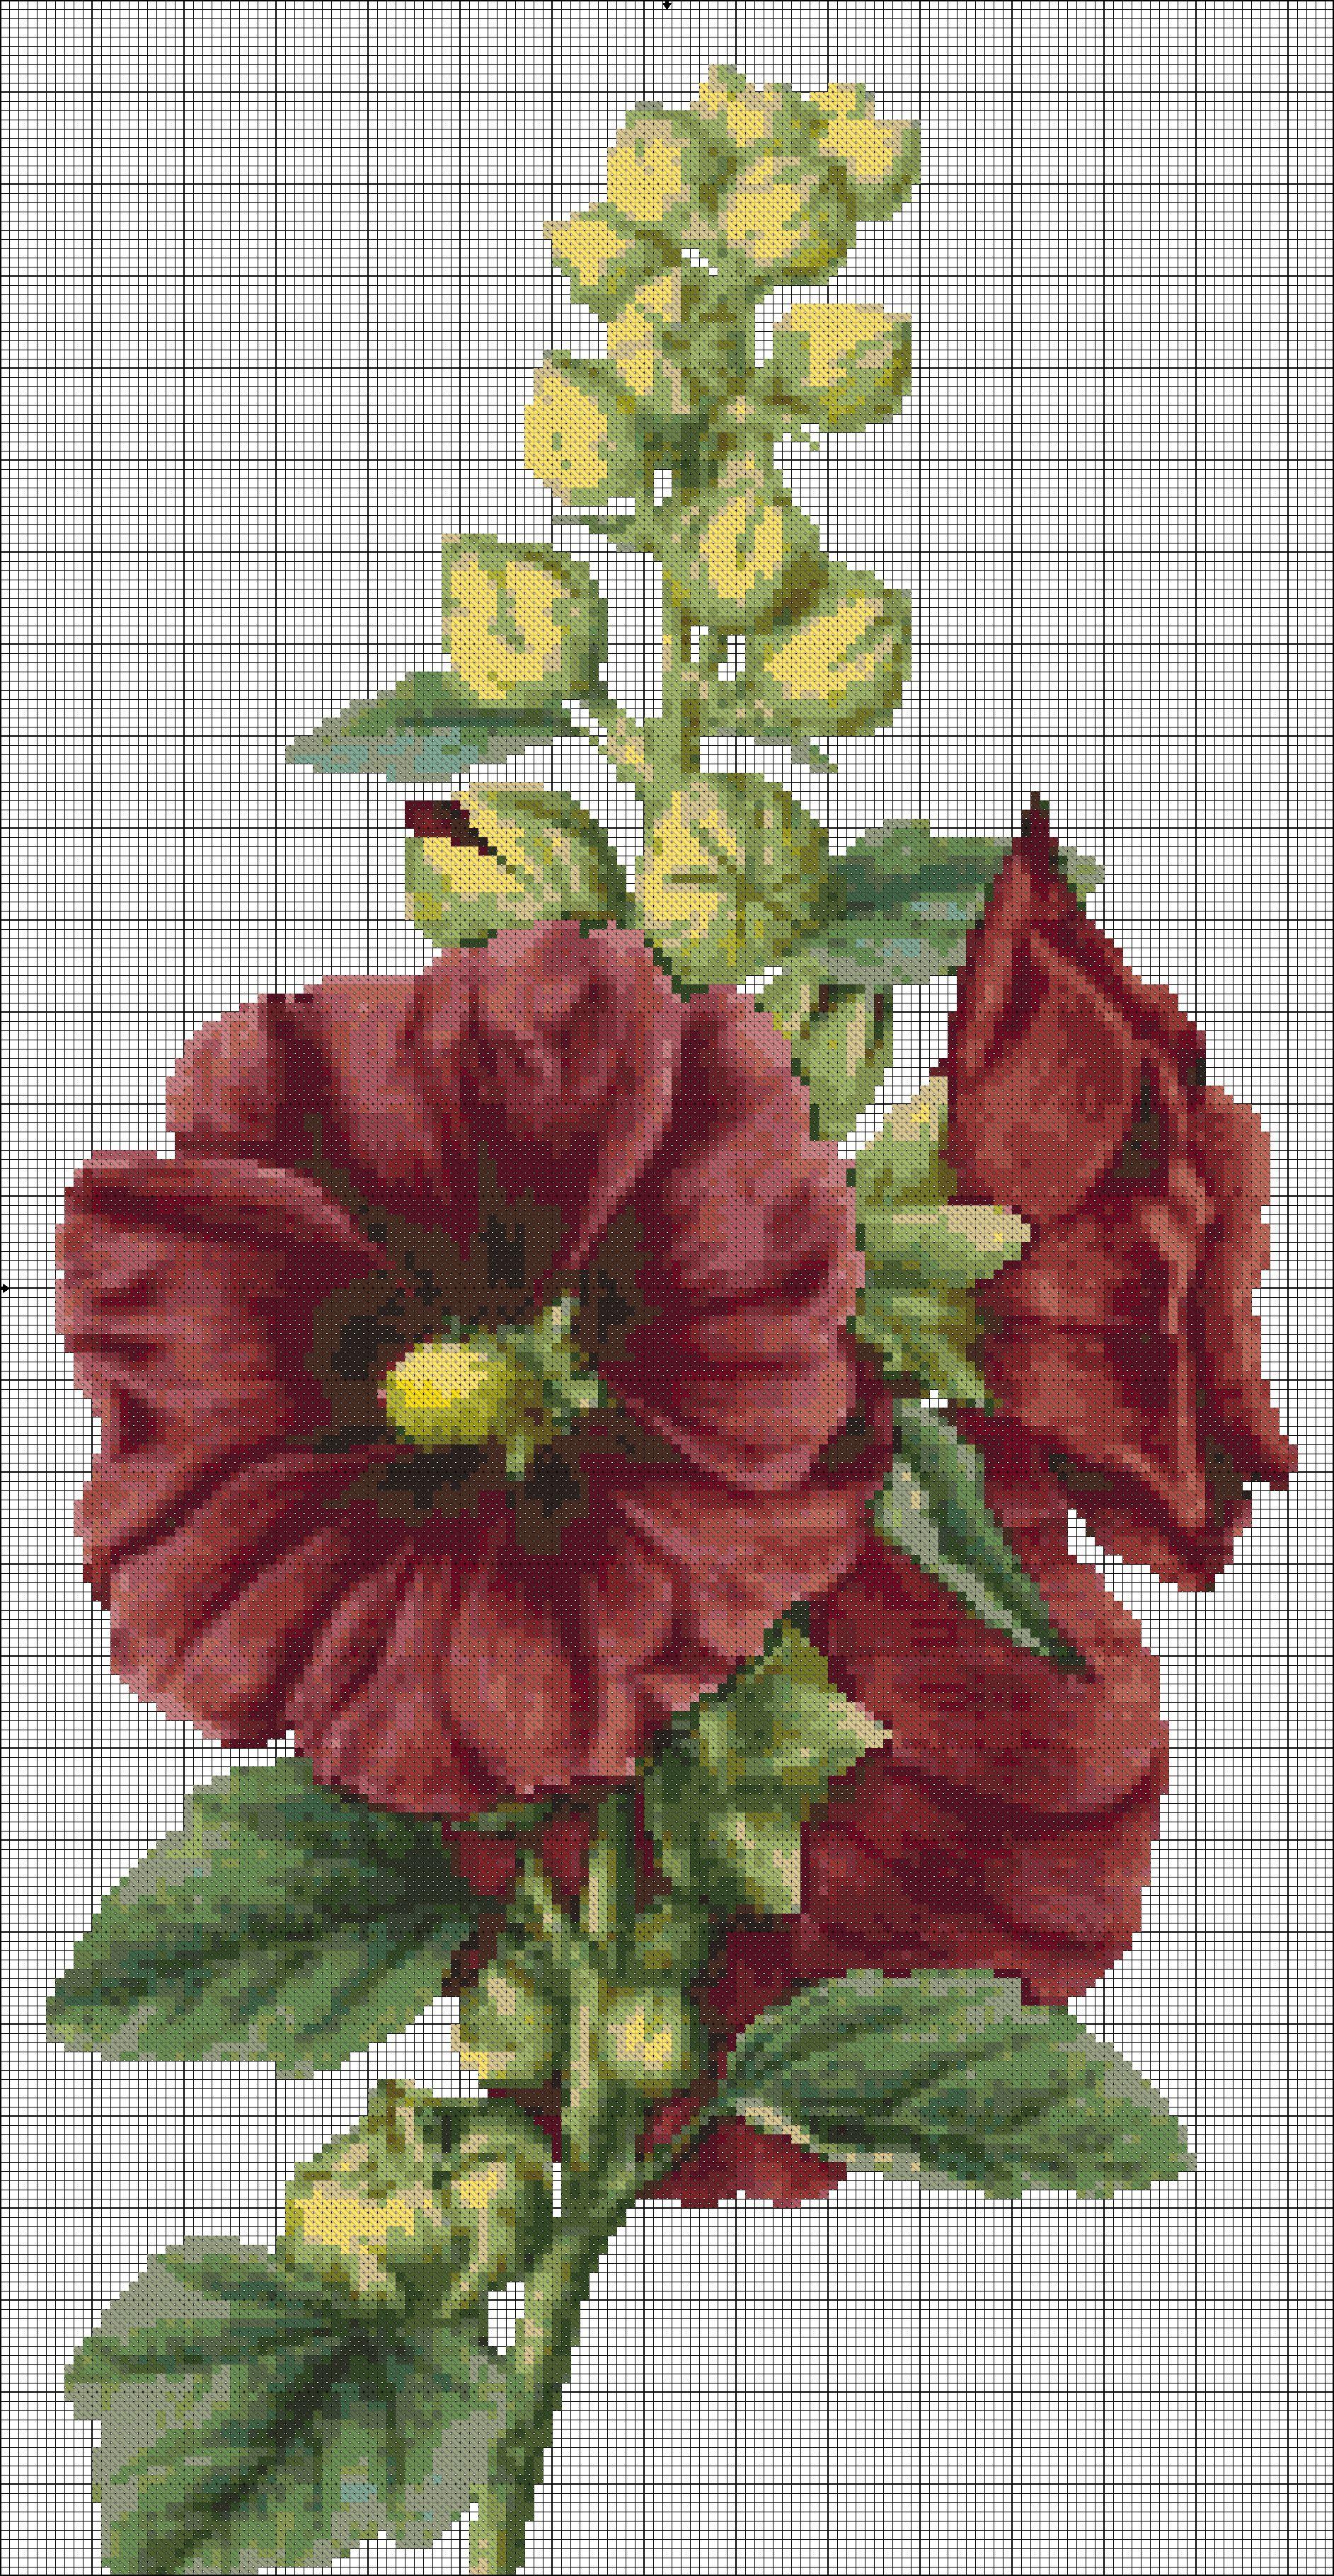 cb53ec59af6a15b59061bf6b60b8fadd.jpg (1885×3640) | HAFTY | Pinterest ...